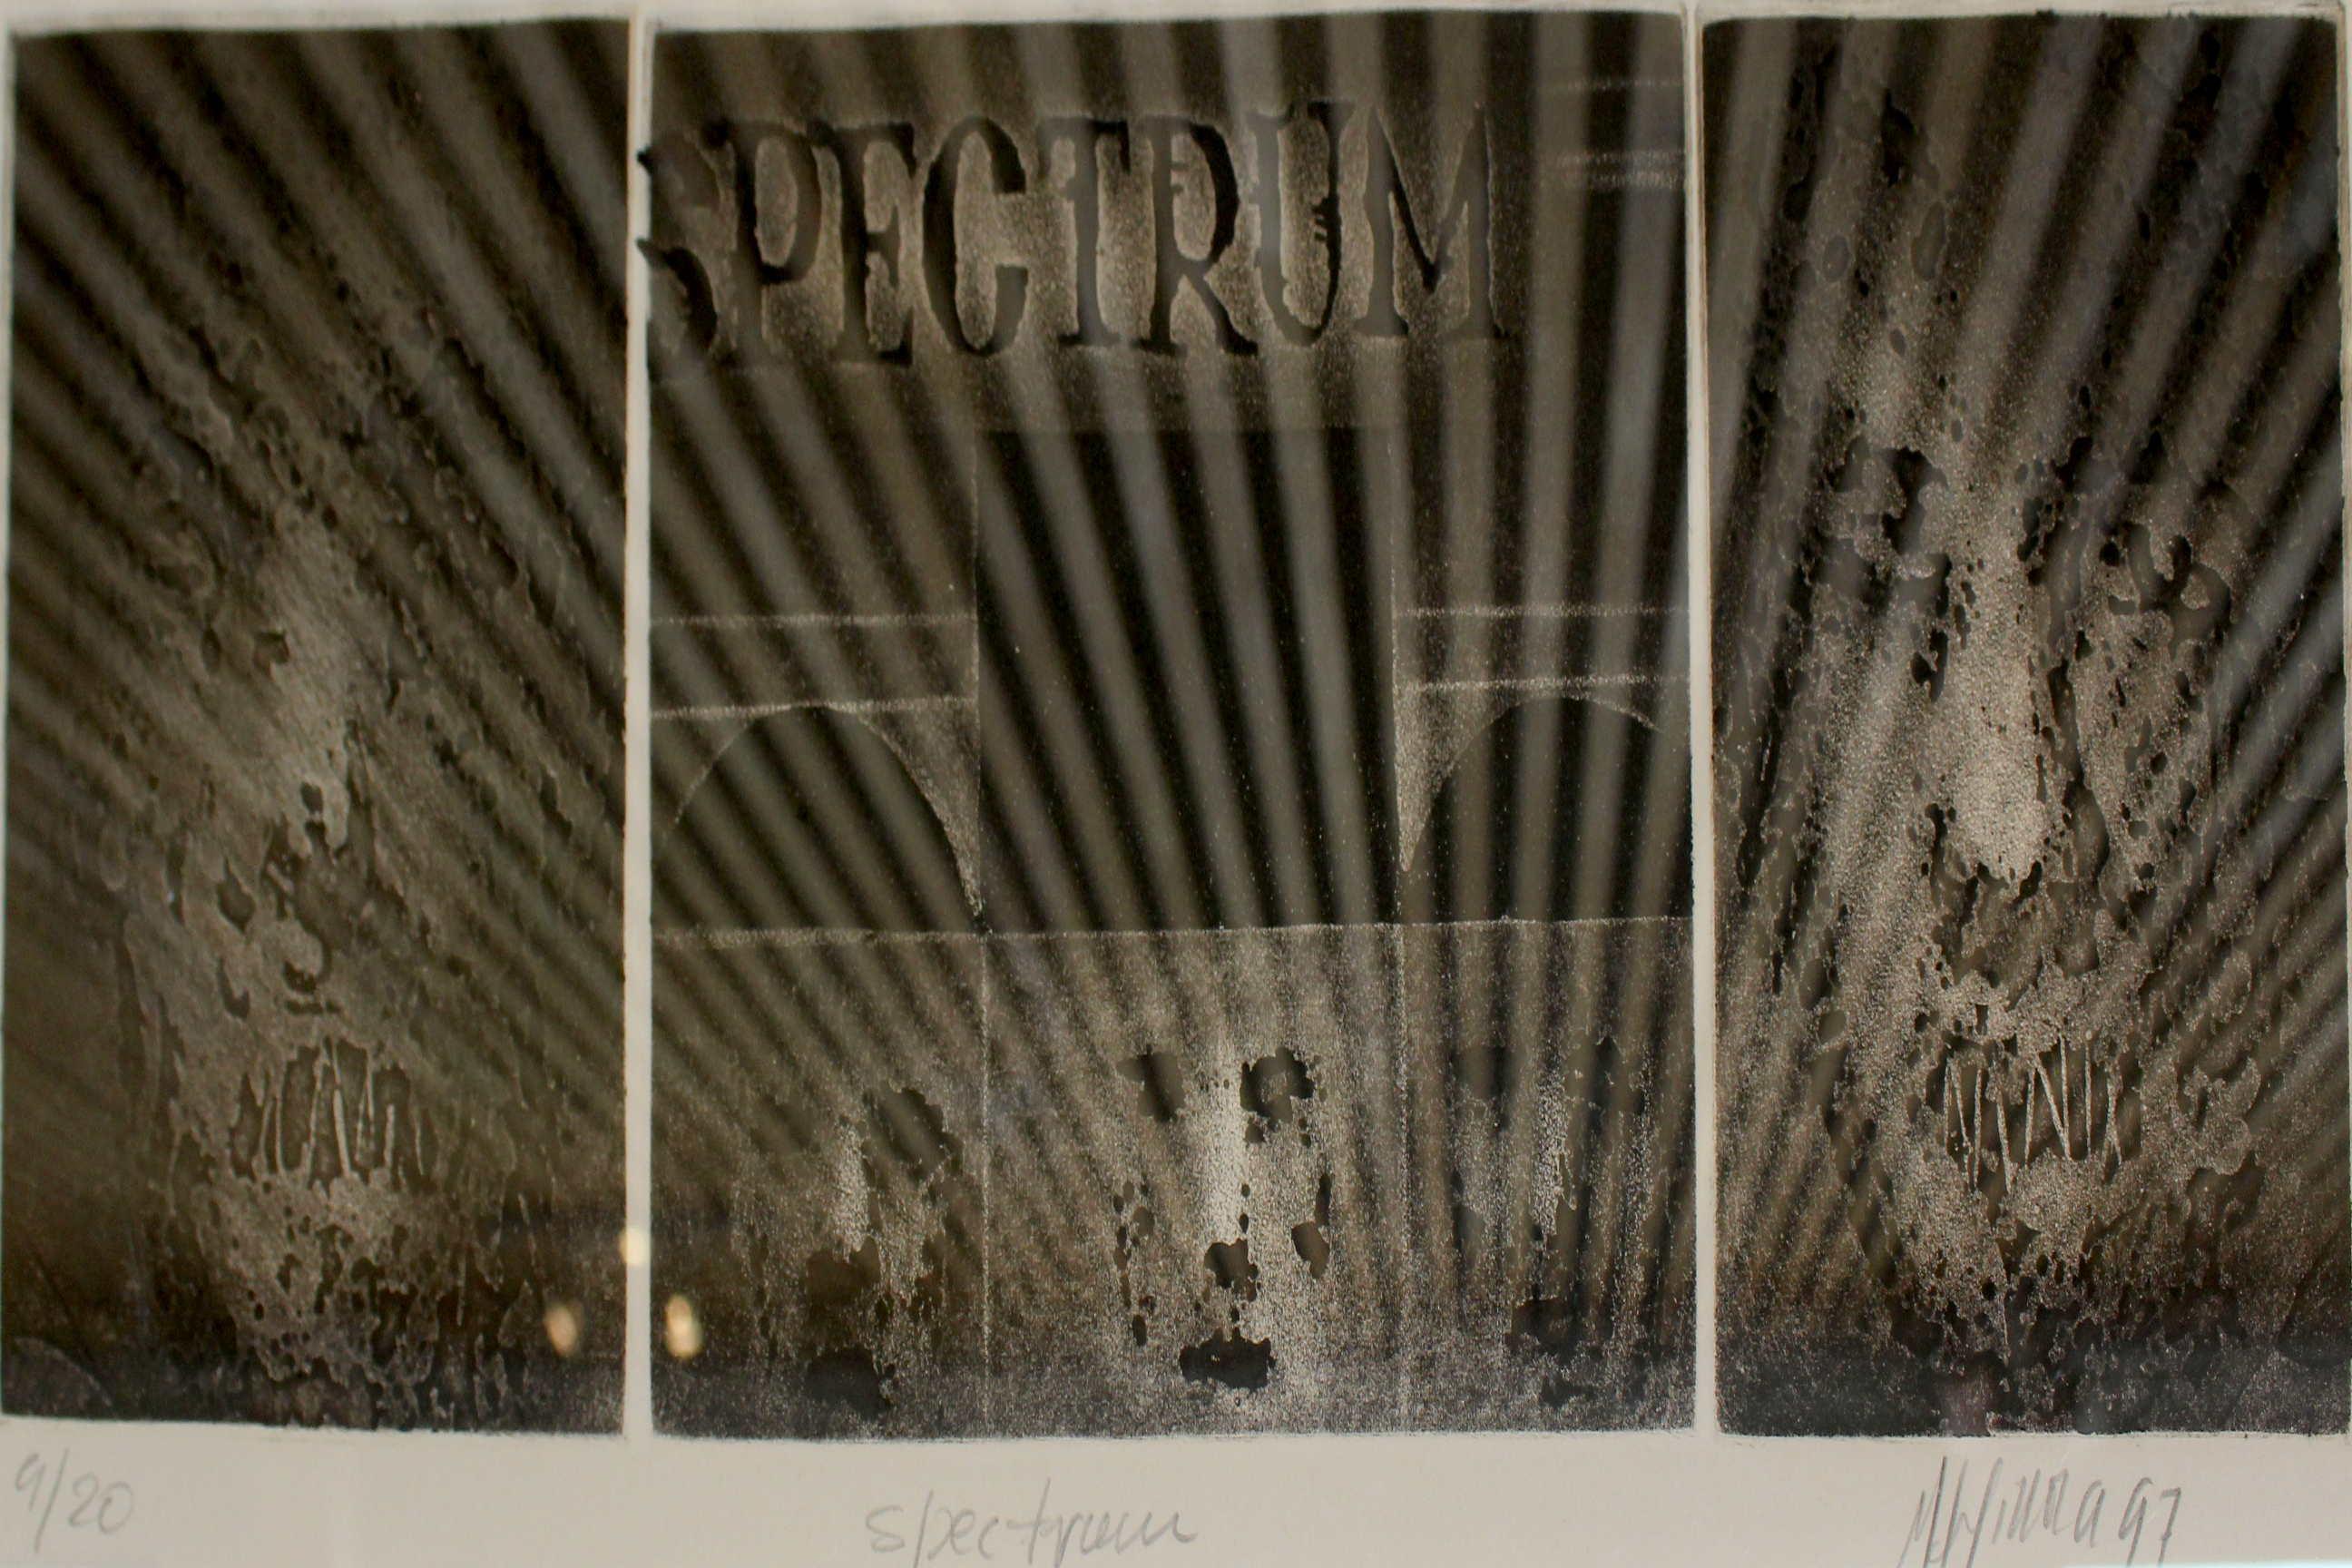 """Obra de Rudy Espinoza, titulada """"Espectrum"""", año 1977, grabado sobre metal. Fotografía: Adriana Araya."""